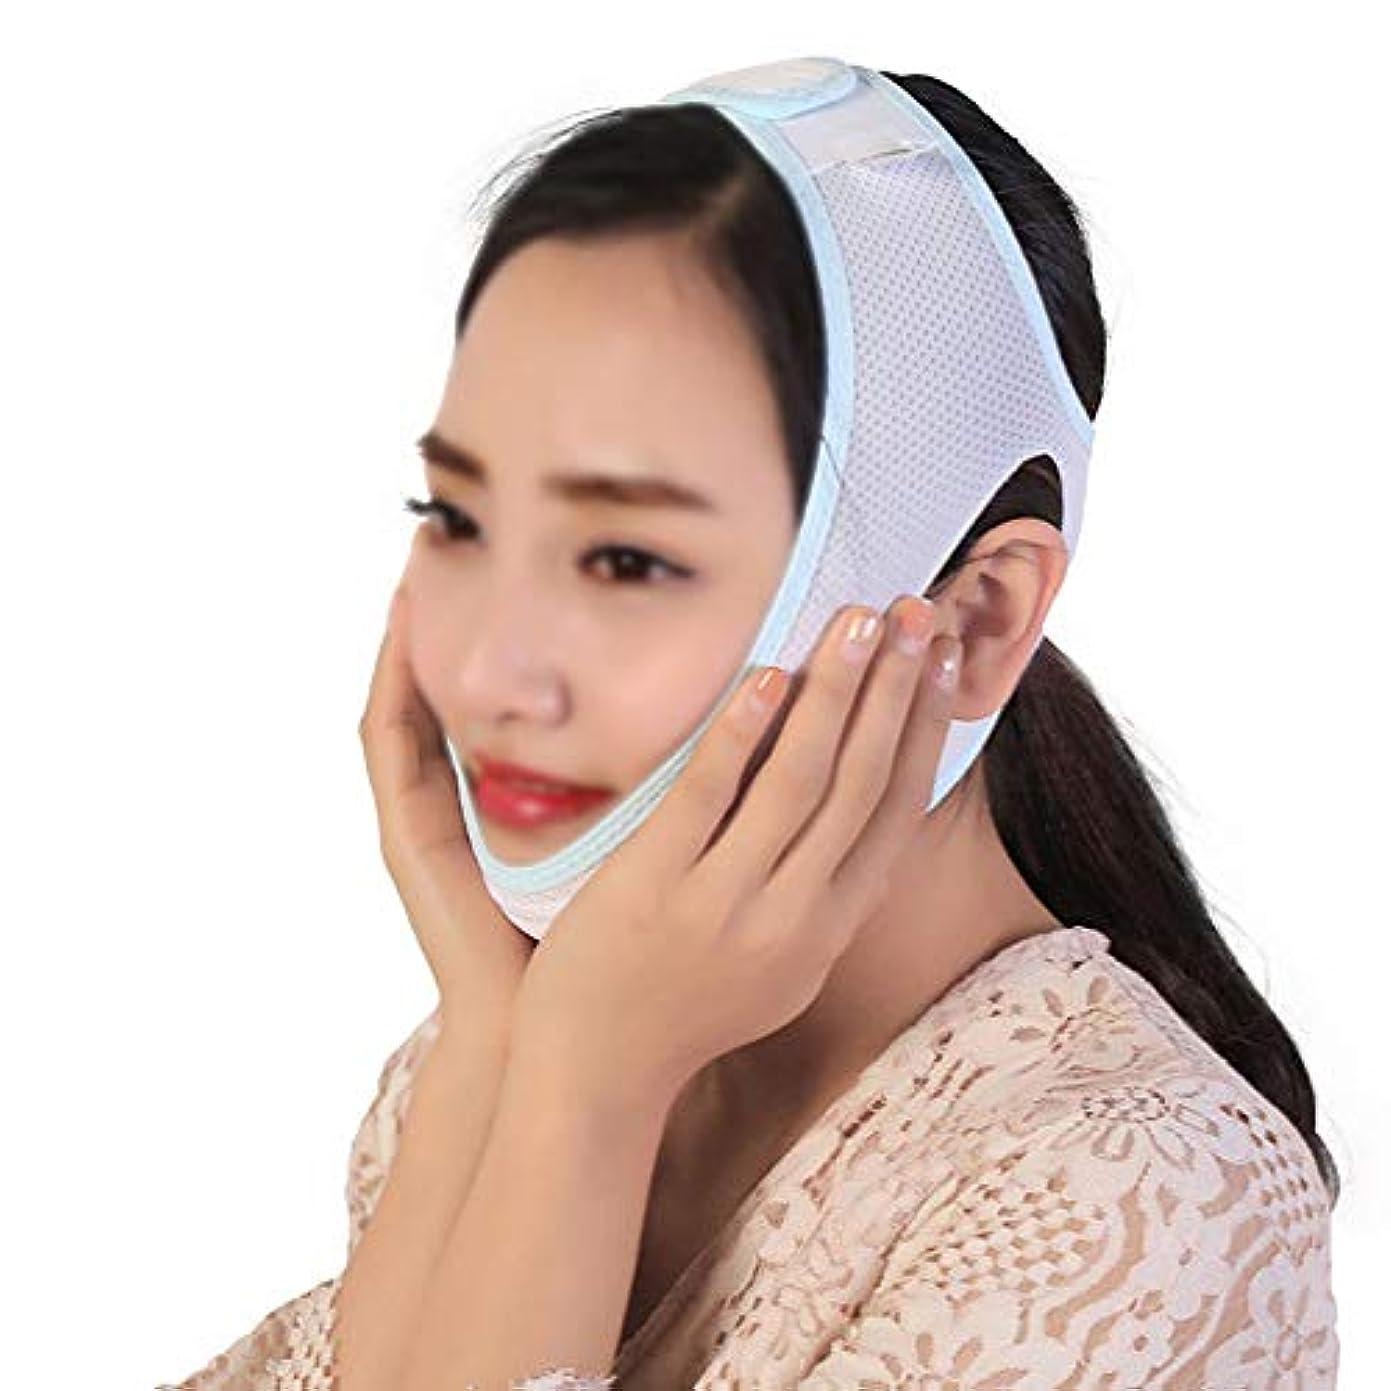 試験アーク幾分引き締めフェイスマスク薄い顔のアーティファクト包帯持ち上がる引き締めにあごv二重フェイスマスク判決カラスの足男性と女性ラインポスト顔は顔を伸ばす (Size : M)